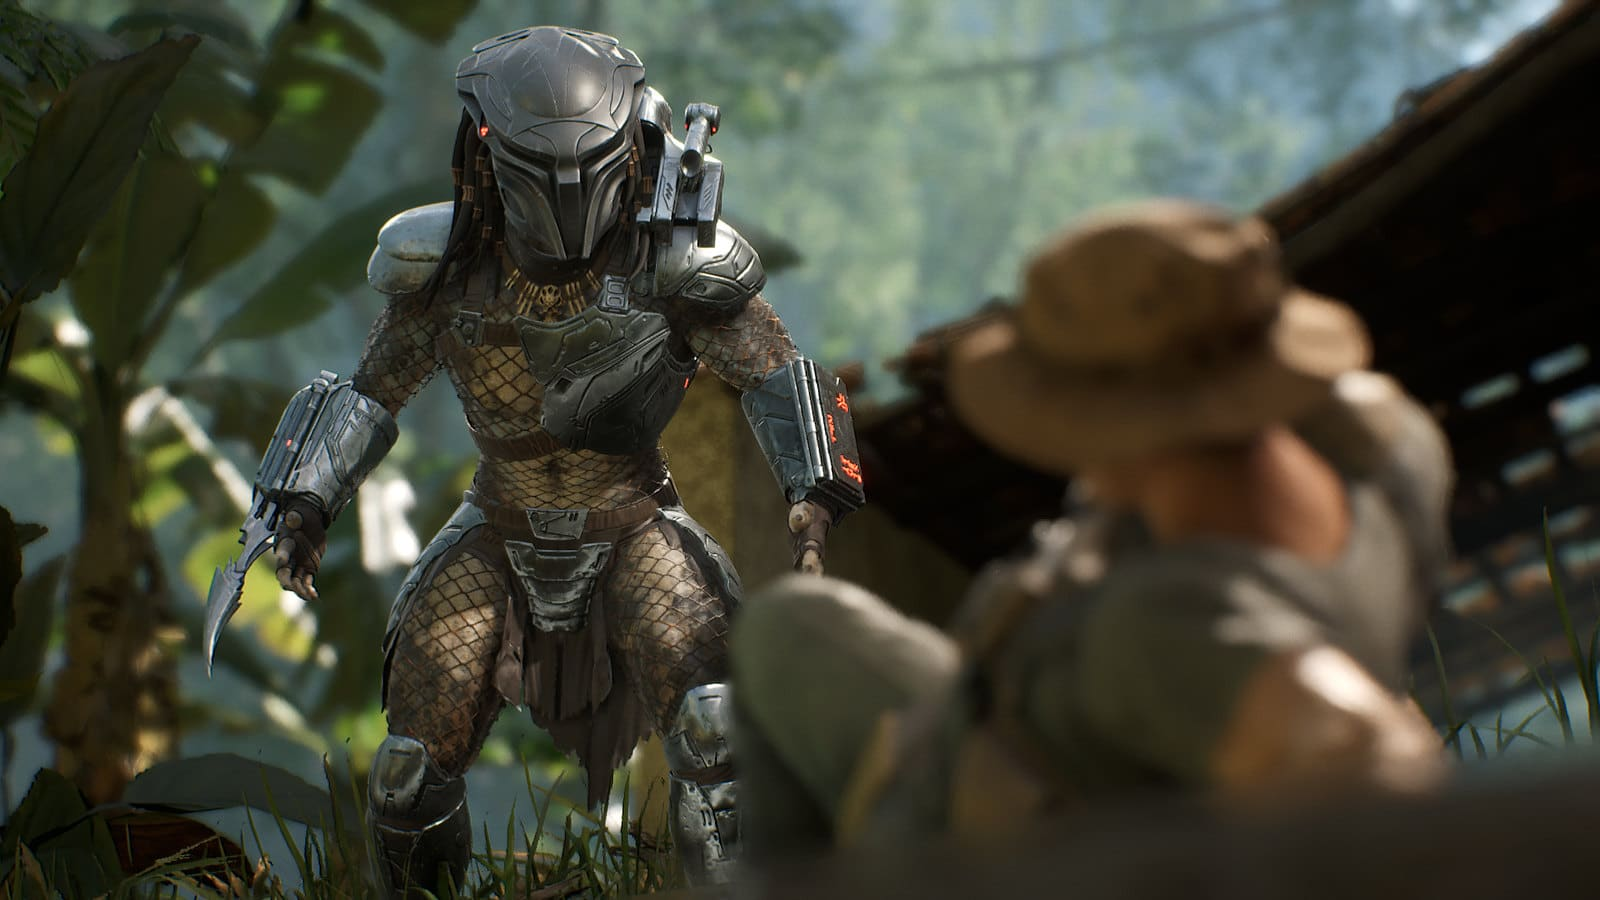 Jogos: Devs jogam Predator: Hunting Grounds em novo vídeo